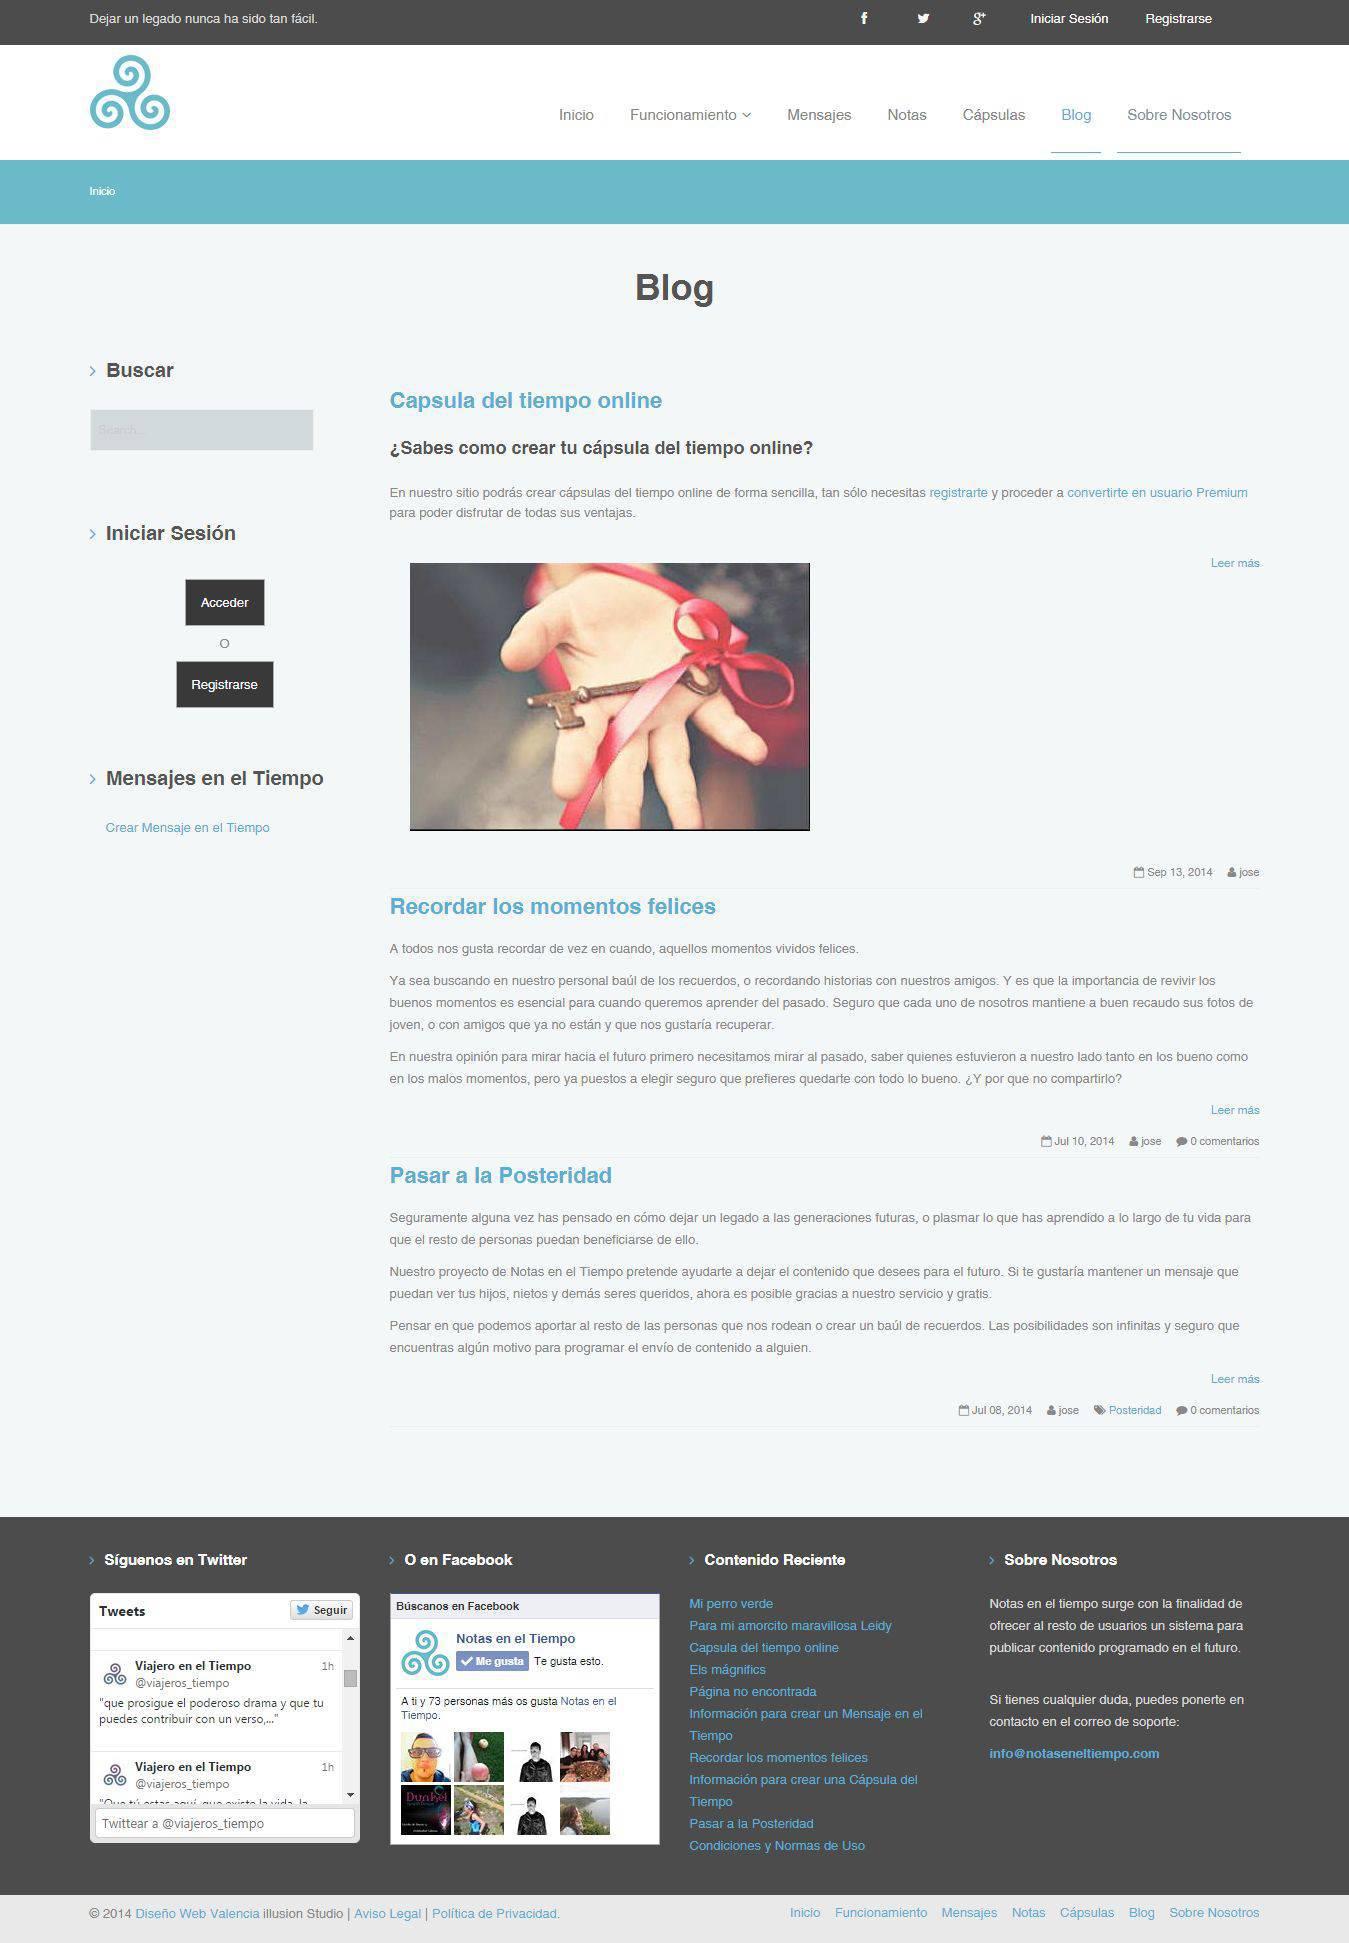 diseno-web-freelance-notas-en-el-tiempo-2